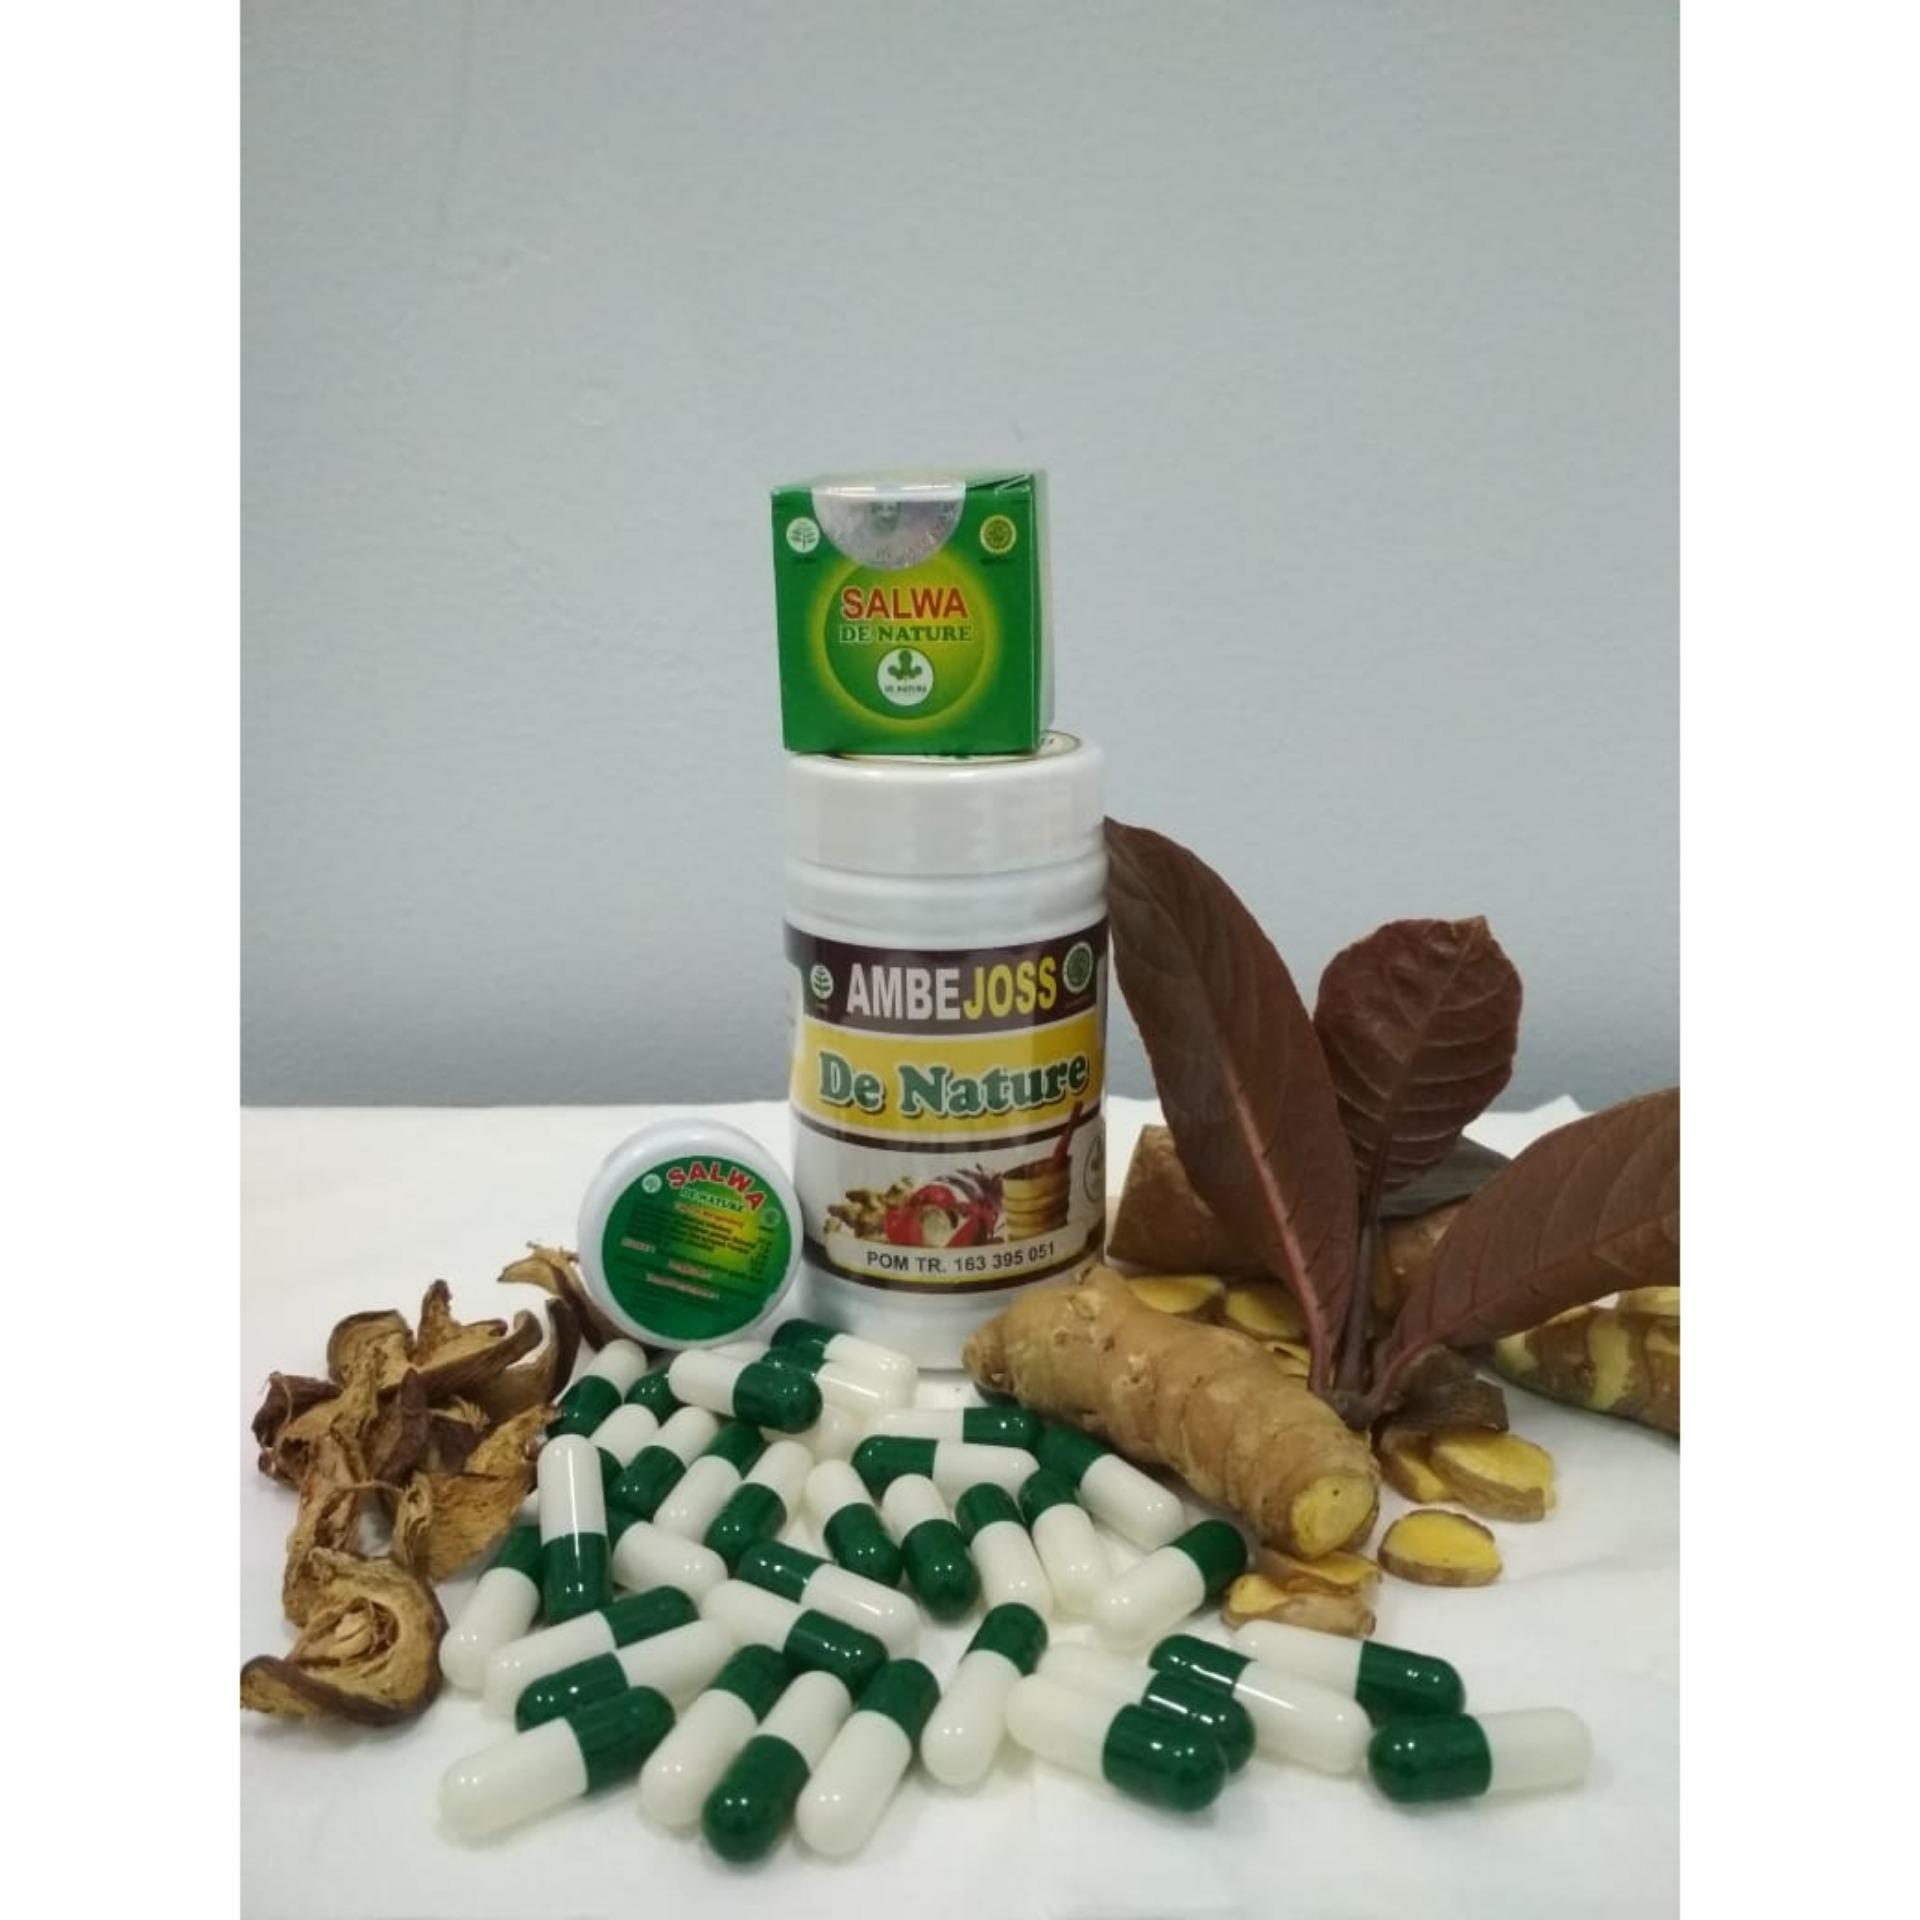 Obat Kutil Kelamin Condiloma Paket 2 De Nature Daftar Harga Herbal Asli Source Ambeien Mujarabrp275